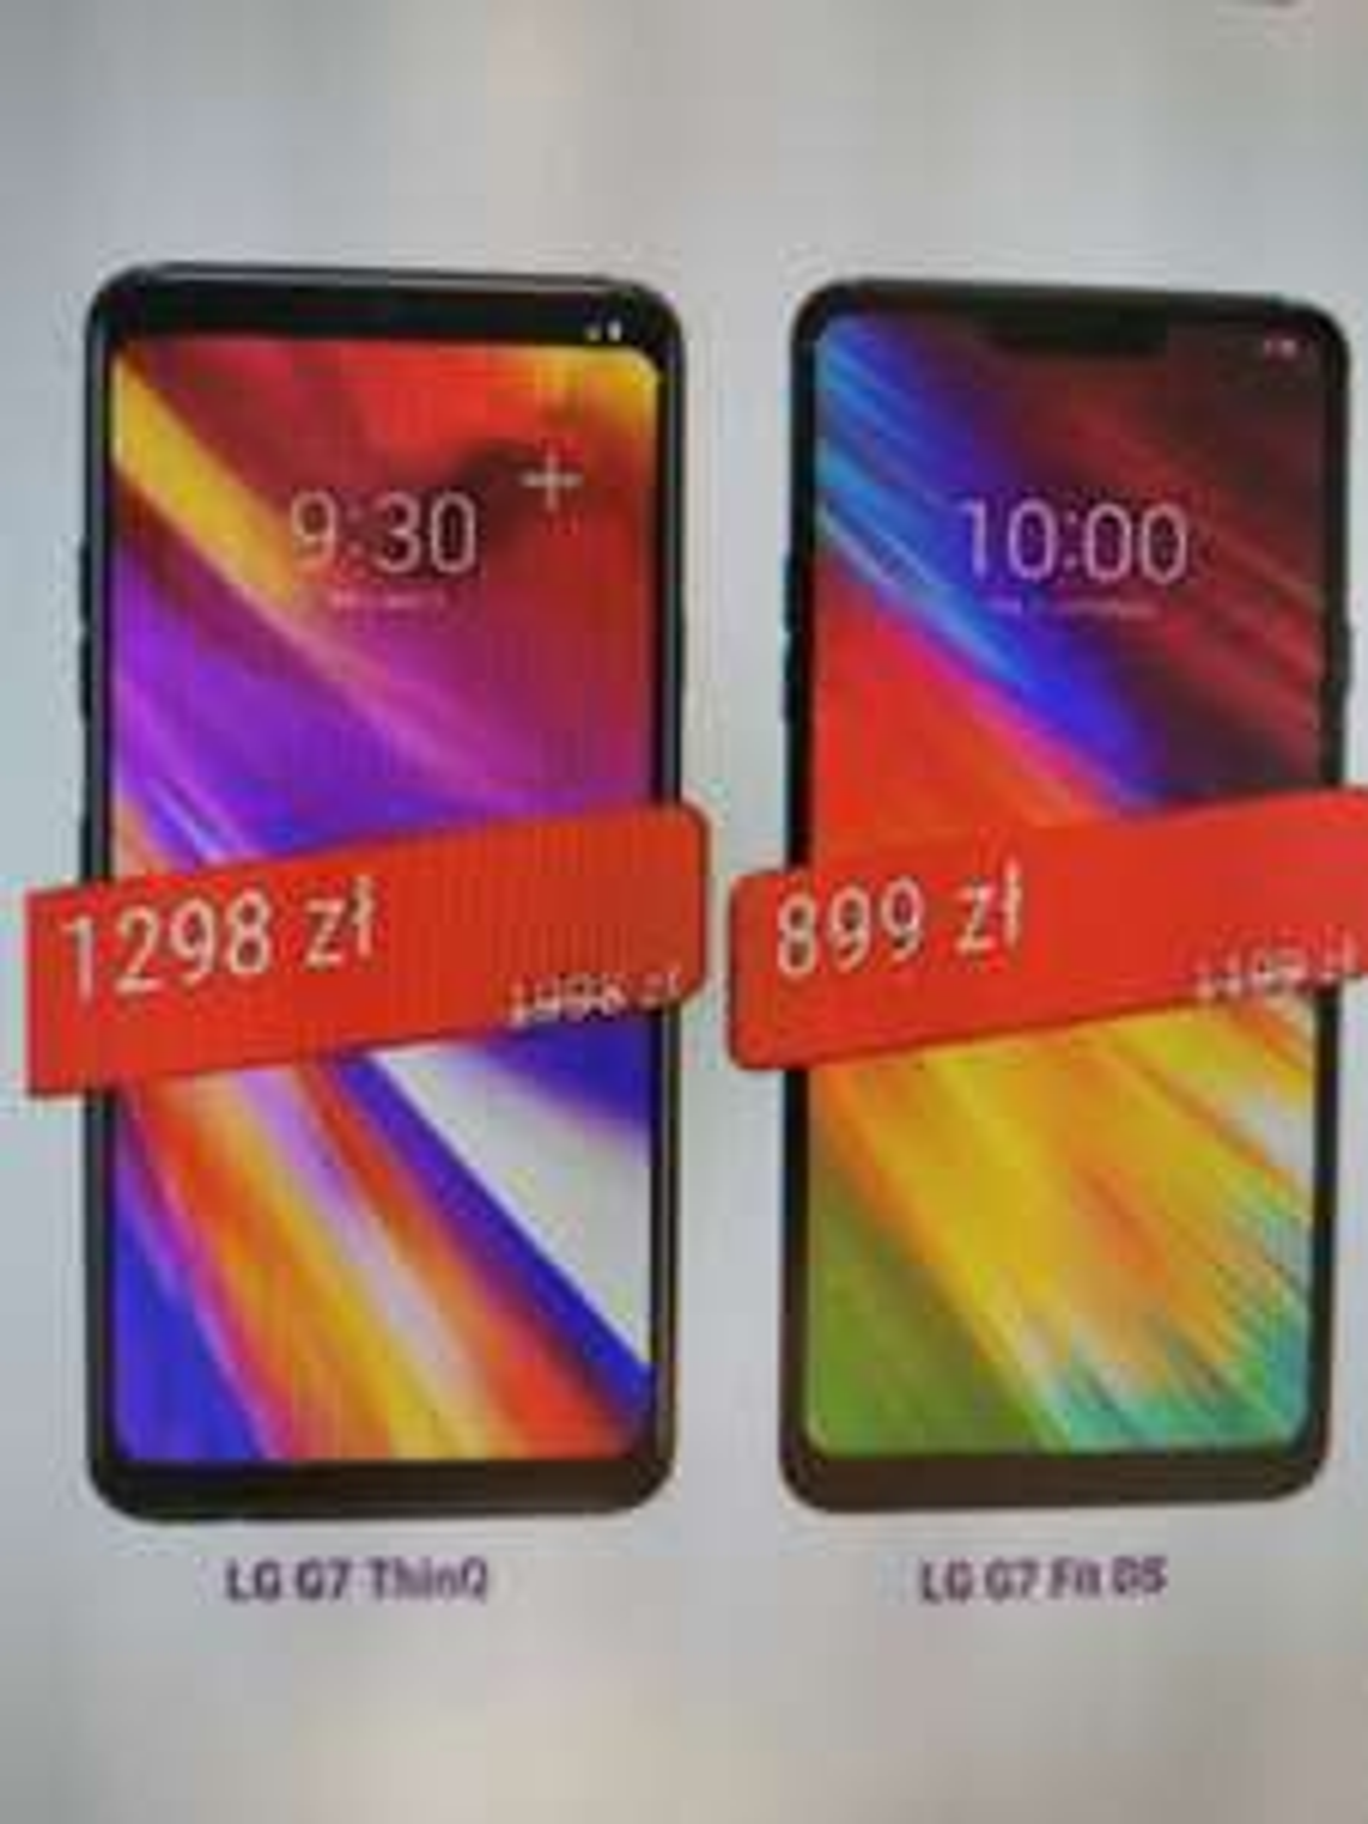 LG G7 o 700zl taniej w PLAY